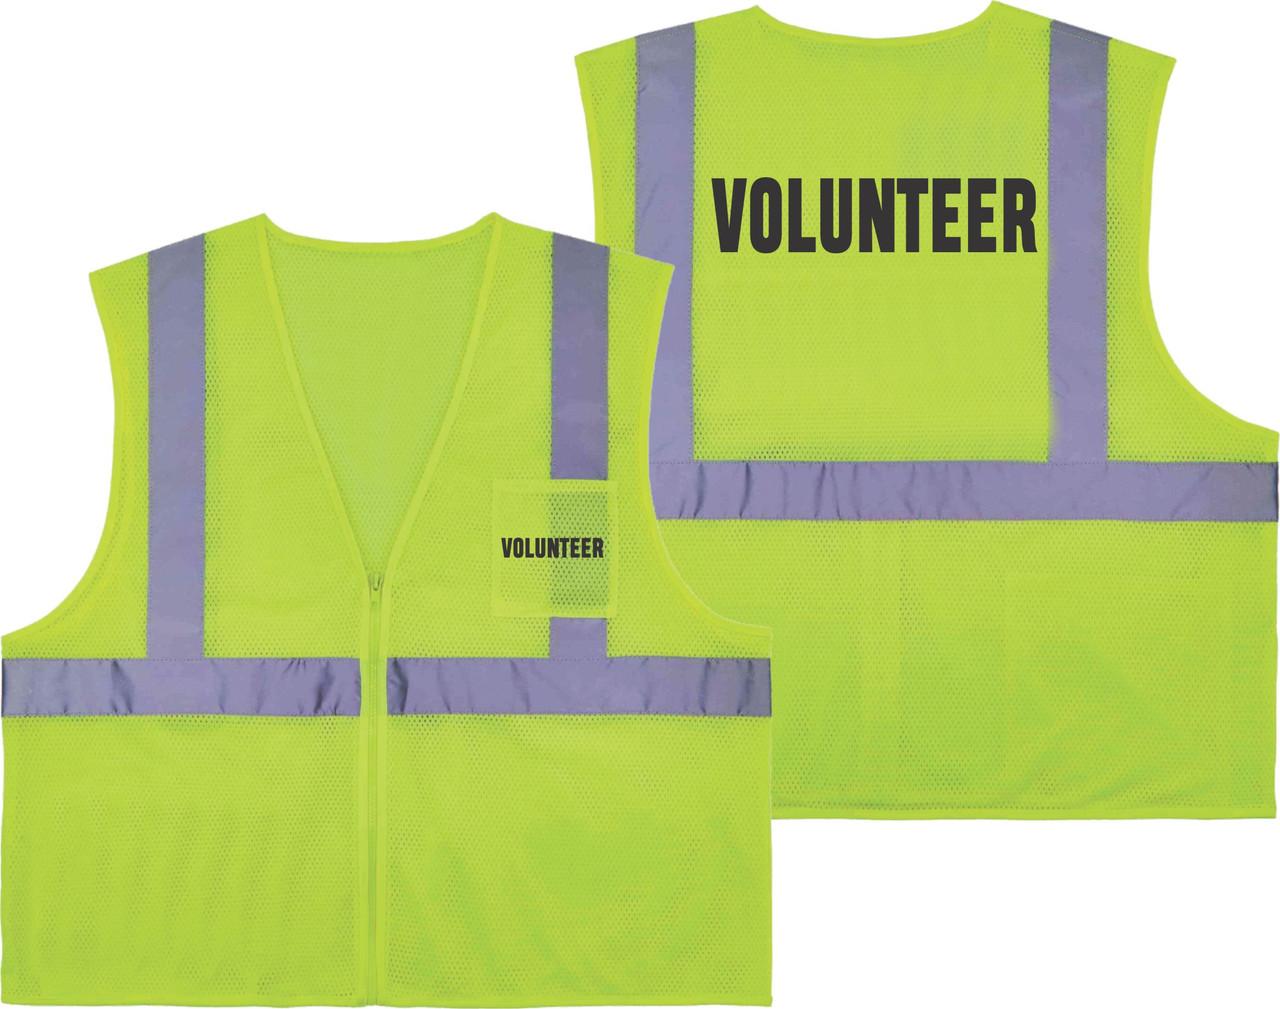 Printed VOLUNTEER Safety Vest Class 2 - Great for Hi Vis Vest for Events